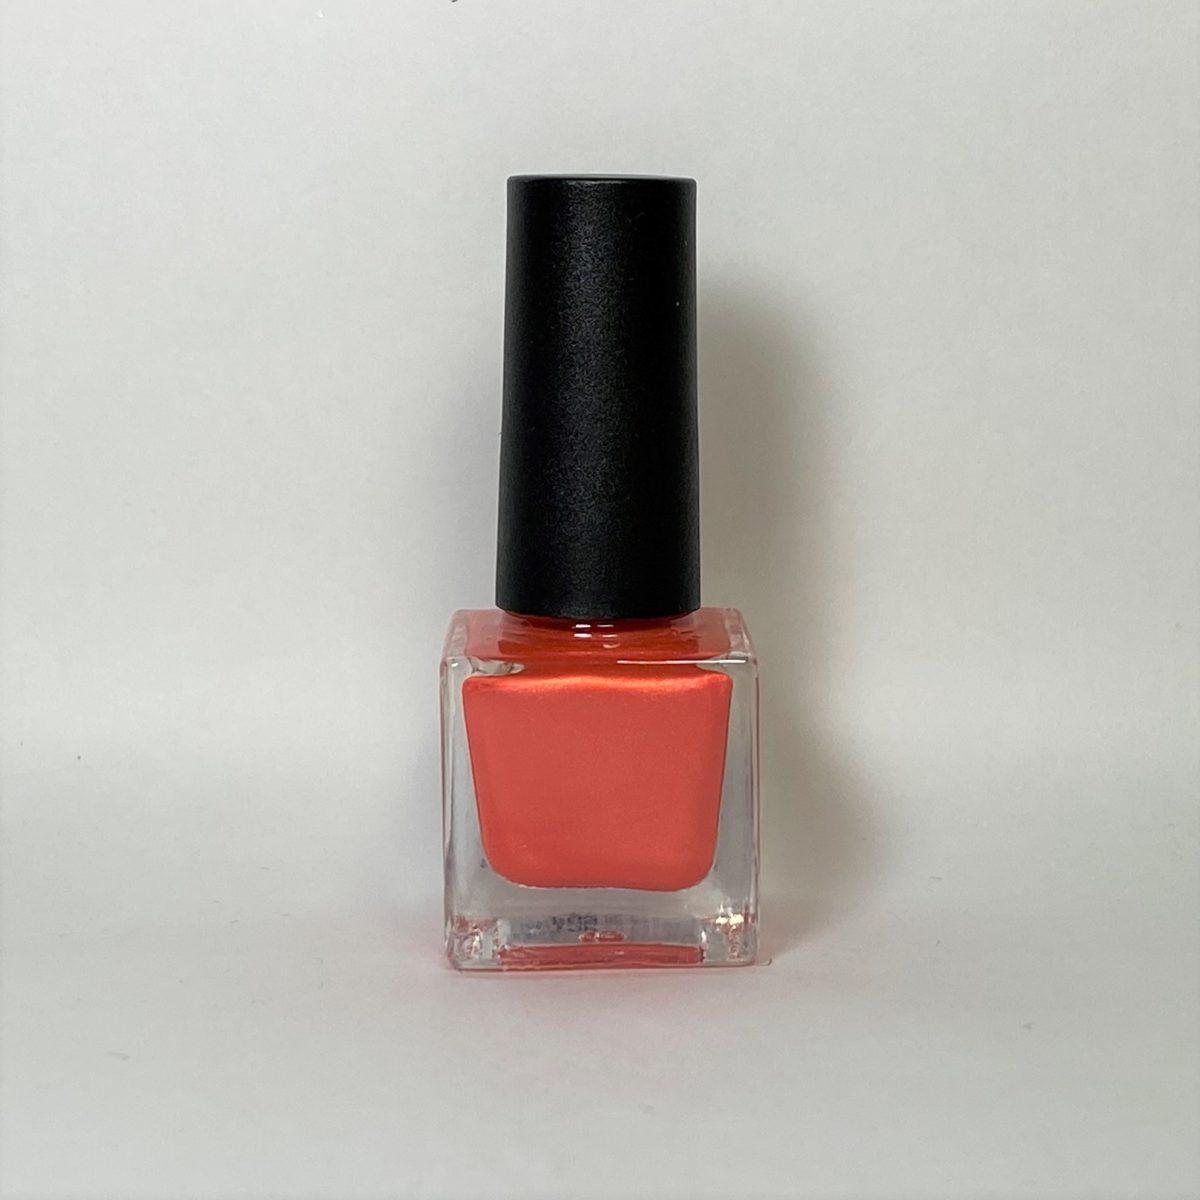 ネイルポリッシュ R09 Orange